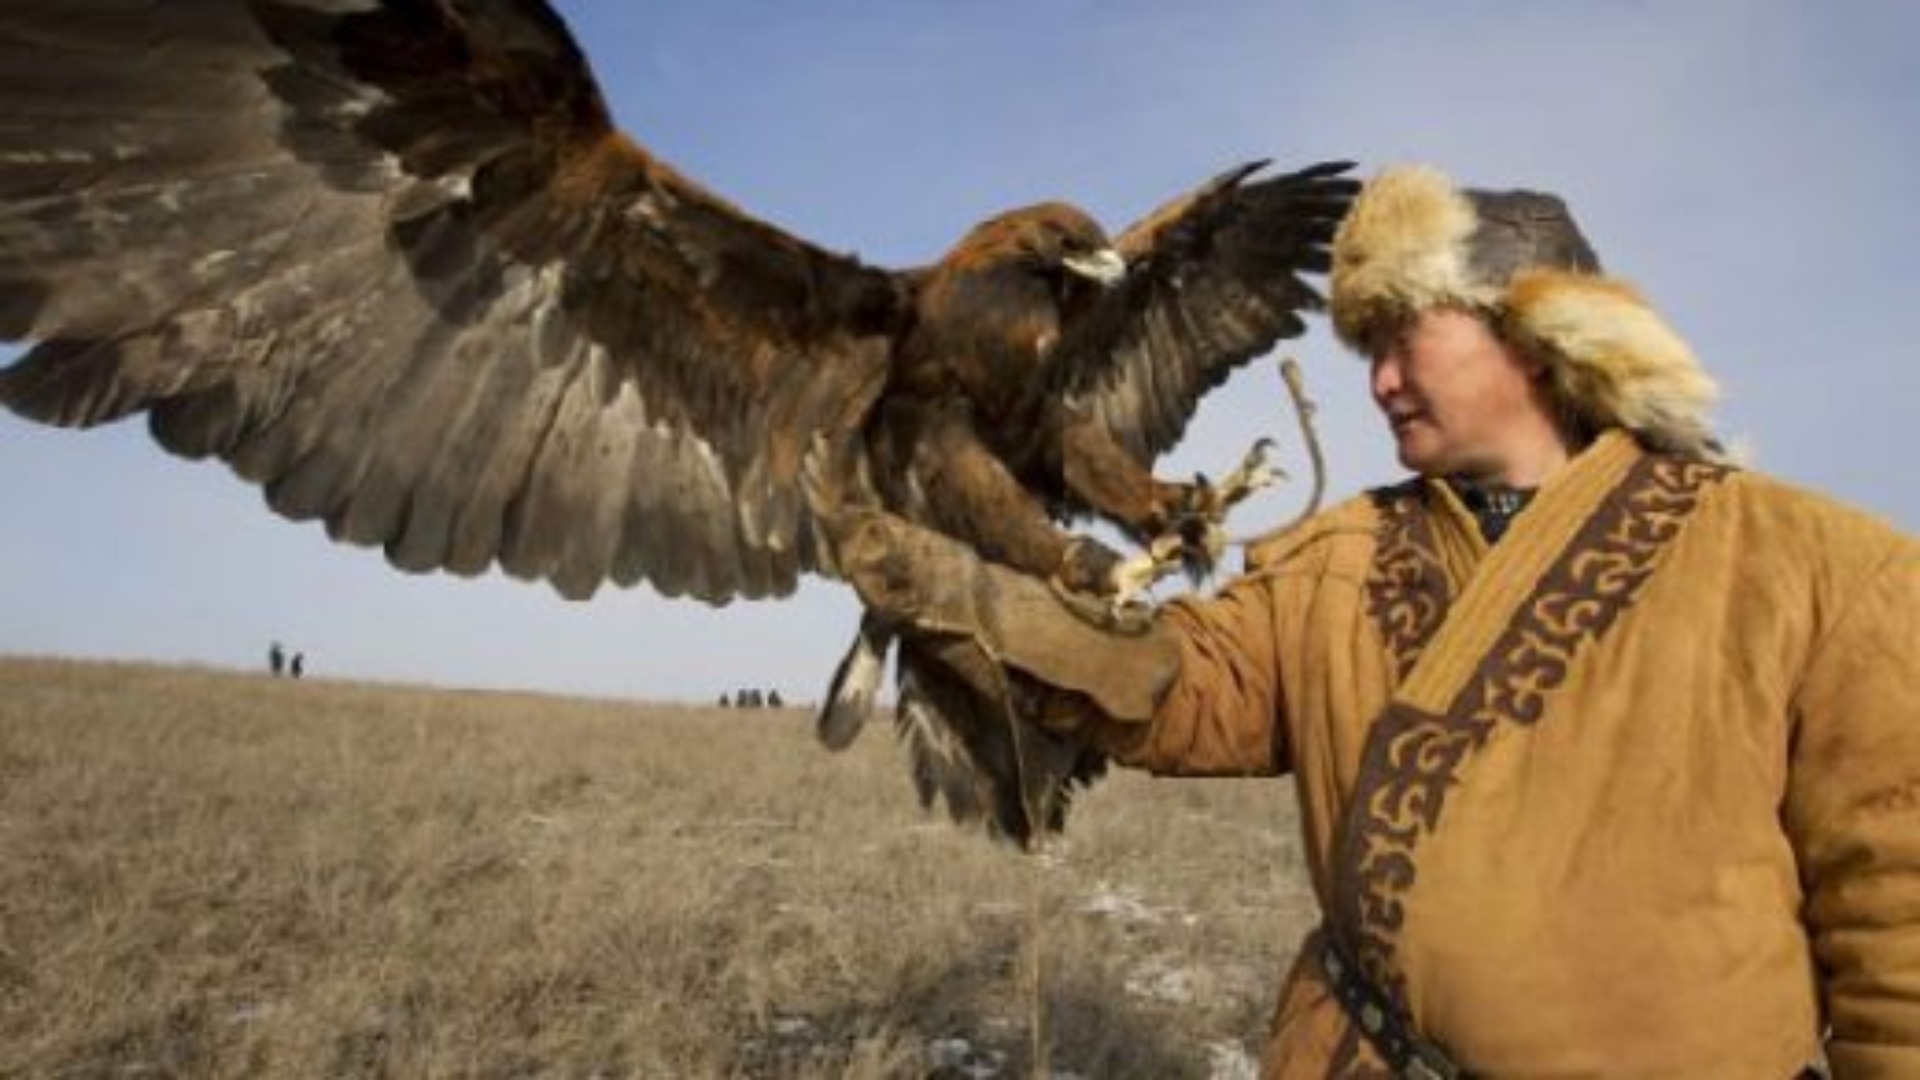 شکار روباه توسط عقاب شکاری تعلیم دیده|تگ